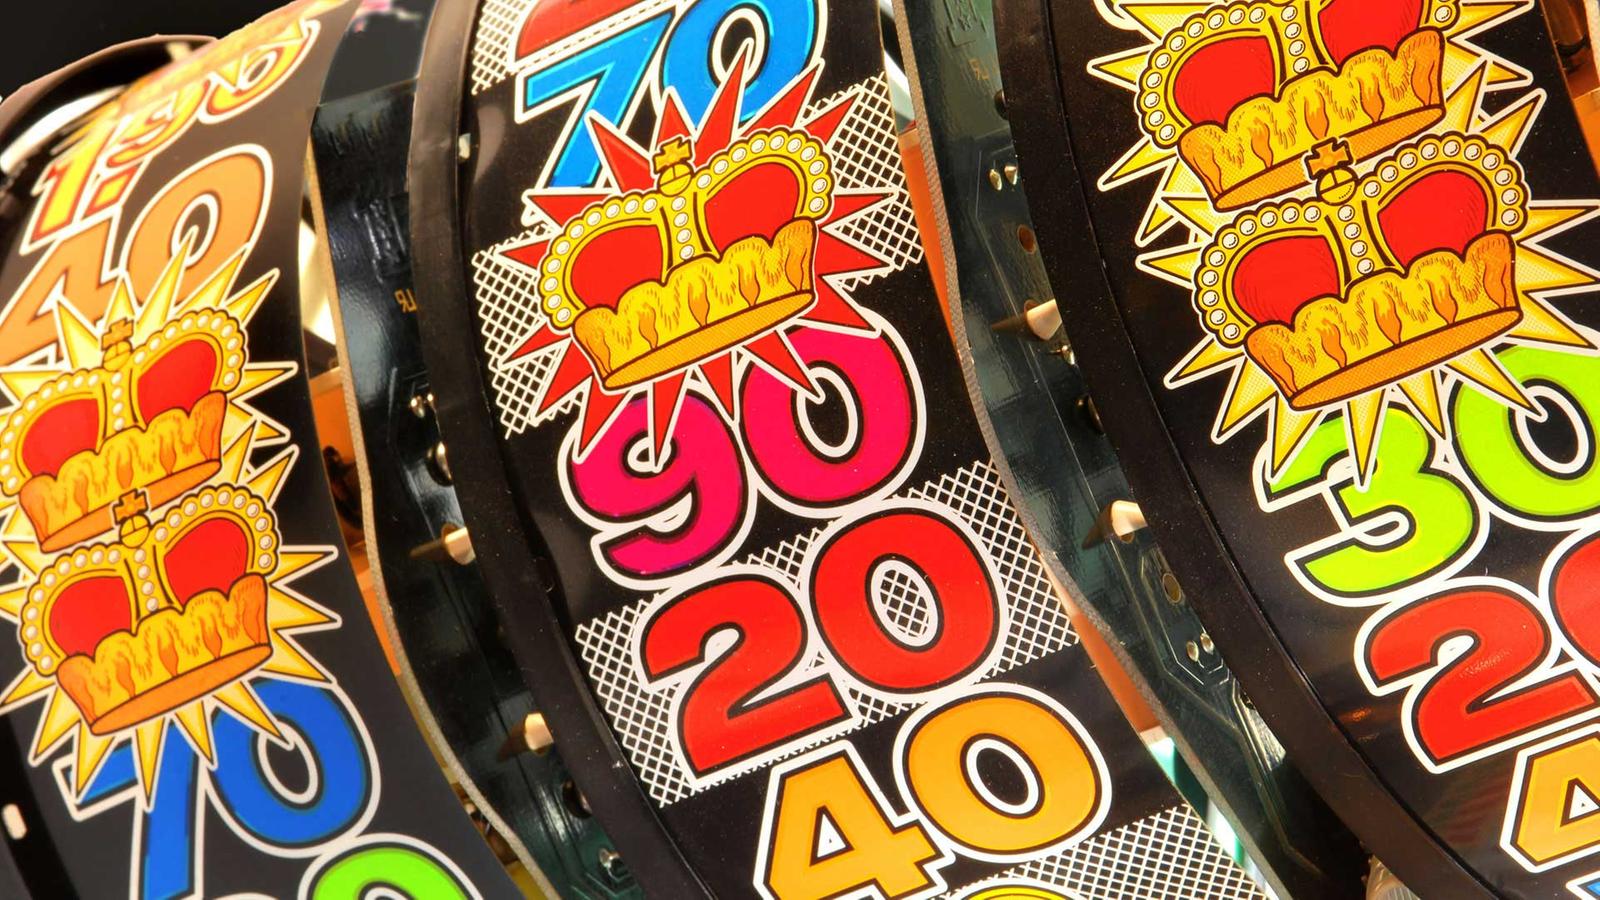 Bunte Rollen eines Glücksspielautomaten.